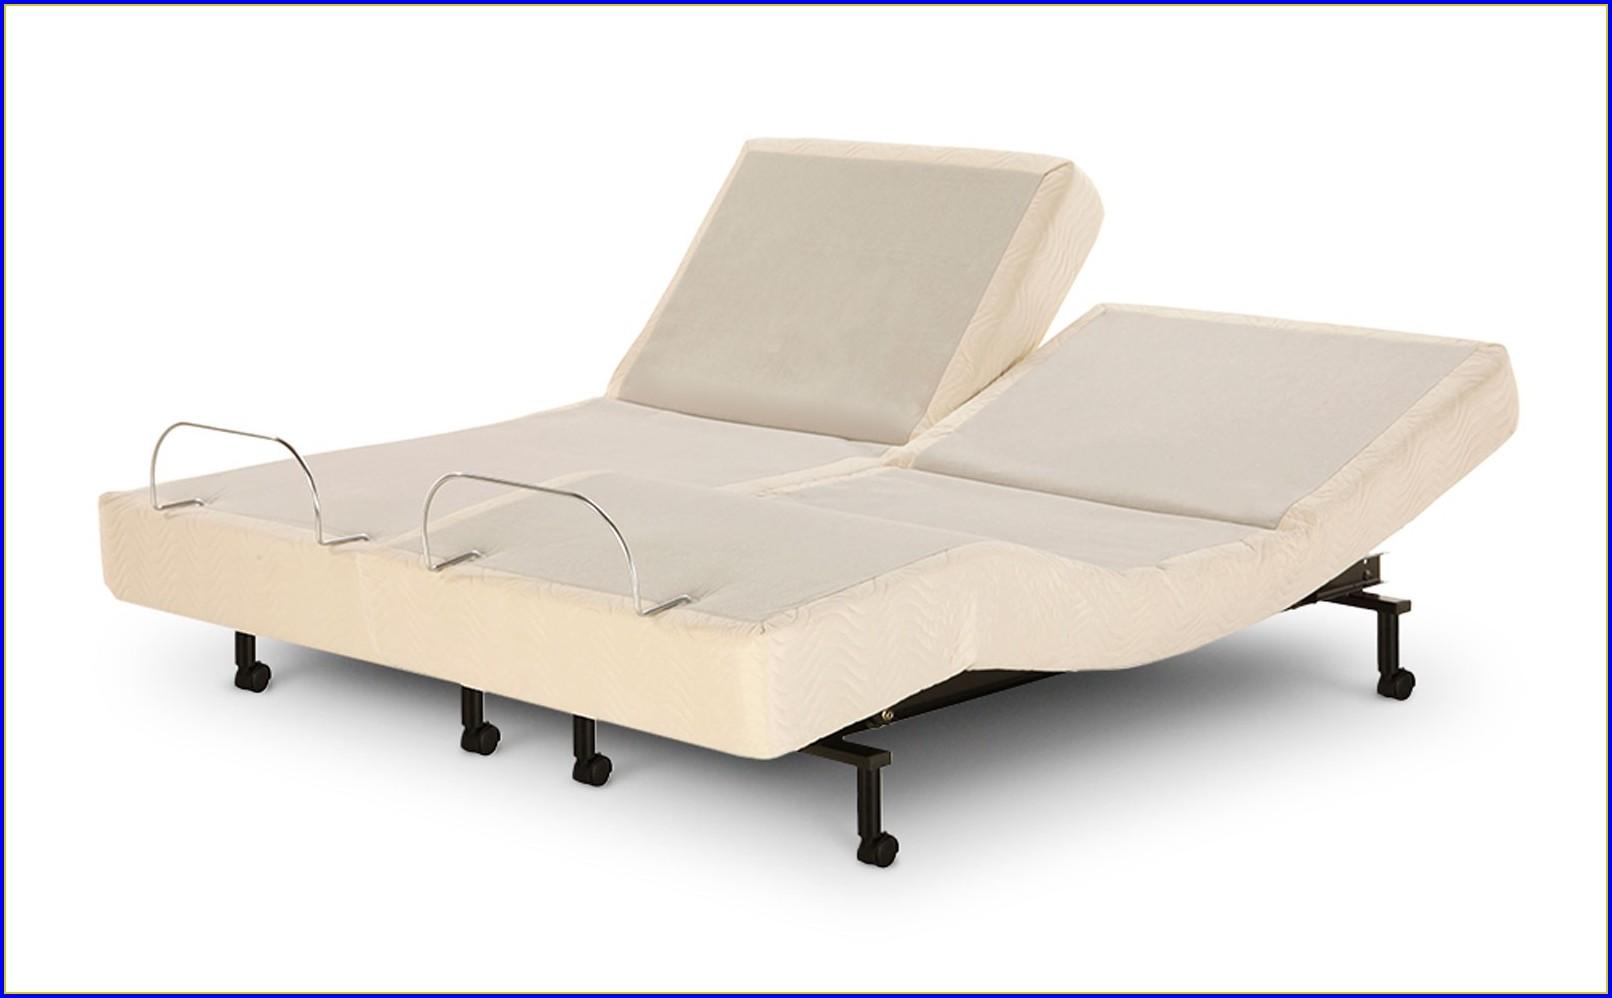 Sleep Number Adjustable Bed Frame Instructions